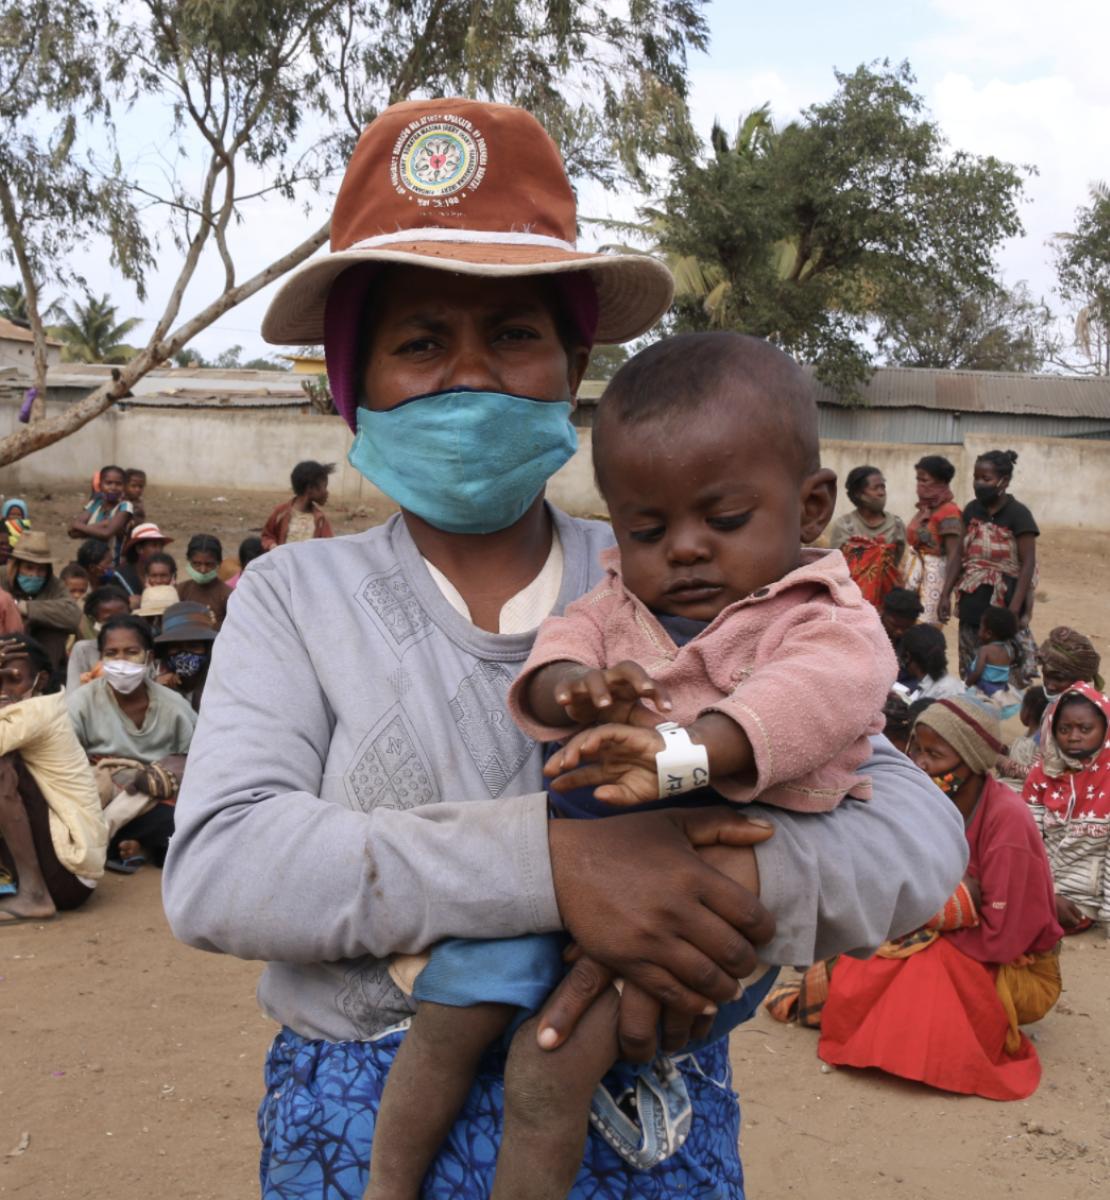 Une femme portant un masque de protection et un chapeau se tient debout dans une grande cour extérieure, face caméra, un bébé dans les bras, tandis que de nombreux enfants sont assis par terre, en arrière-plan.